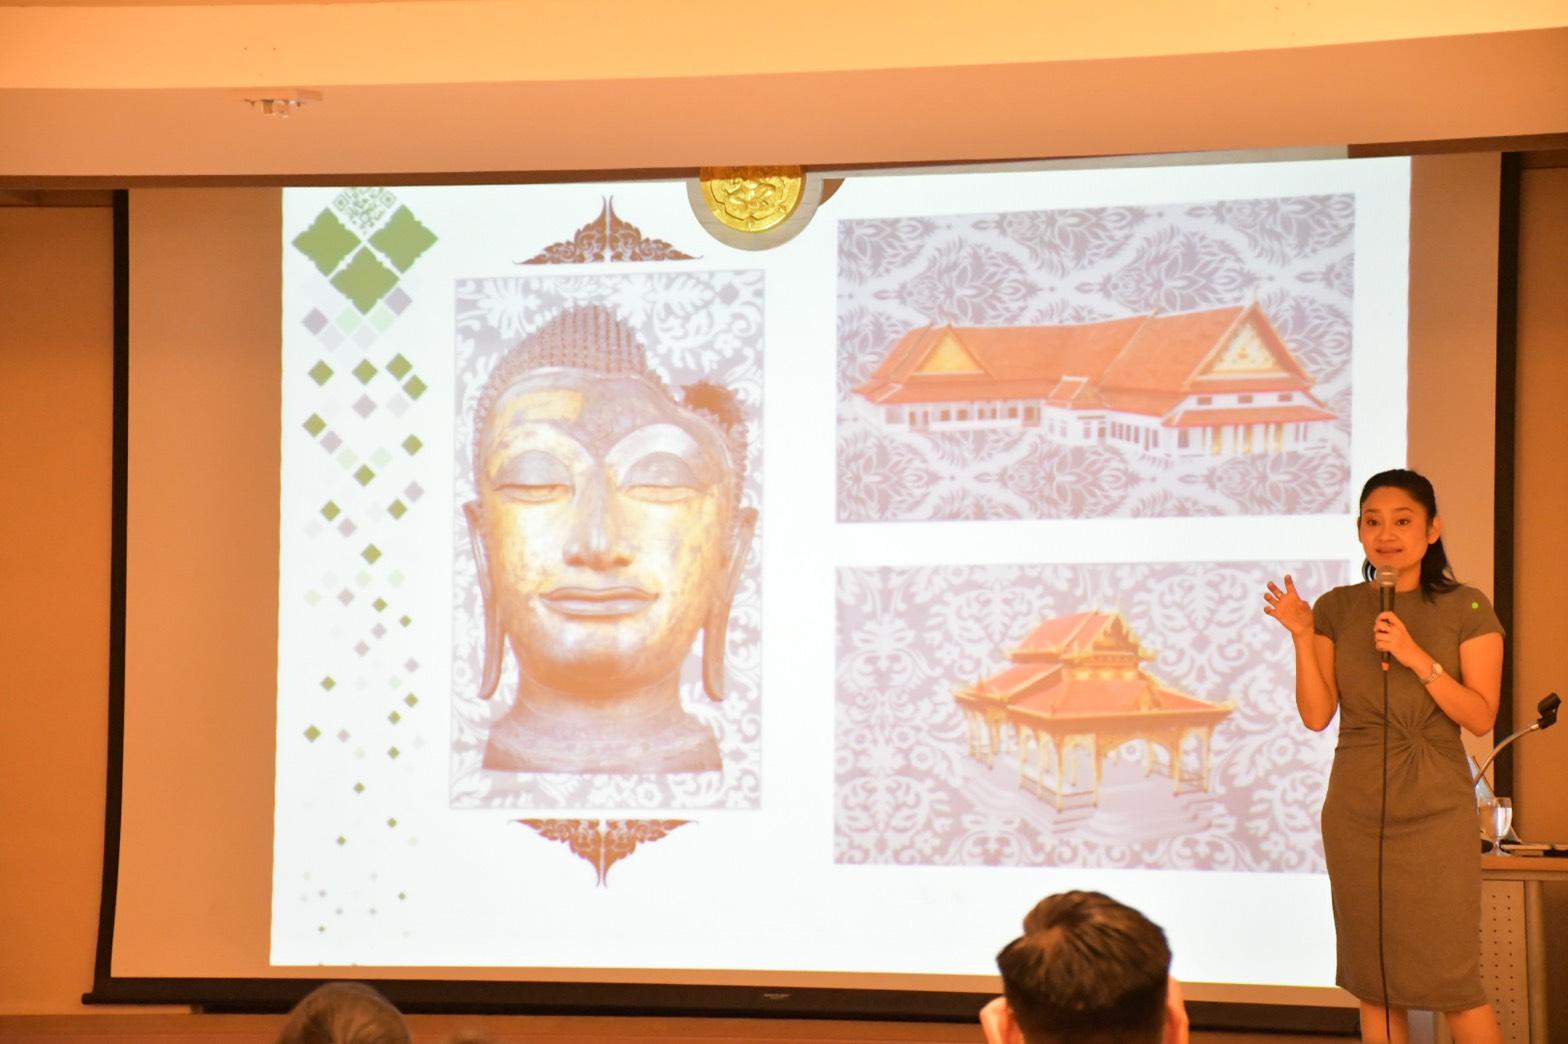 การบรรยายพิเศษ ให้นิสิต มศว เรื่อง นวัตกรรมกับการจัดการมรดกวัฒนธรรม ณ พิพิธภัณฑสถานแห่งชาติ พระนคร